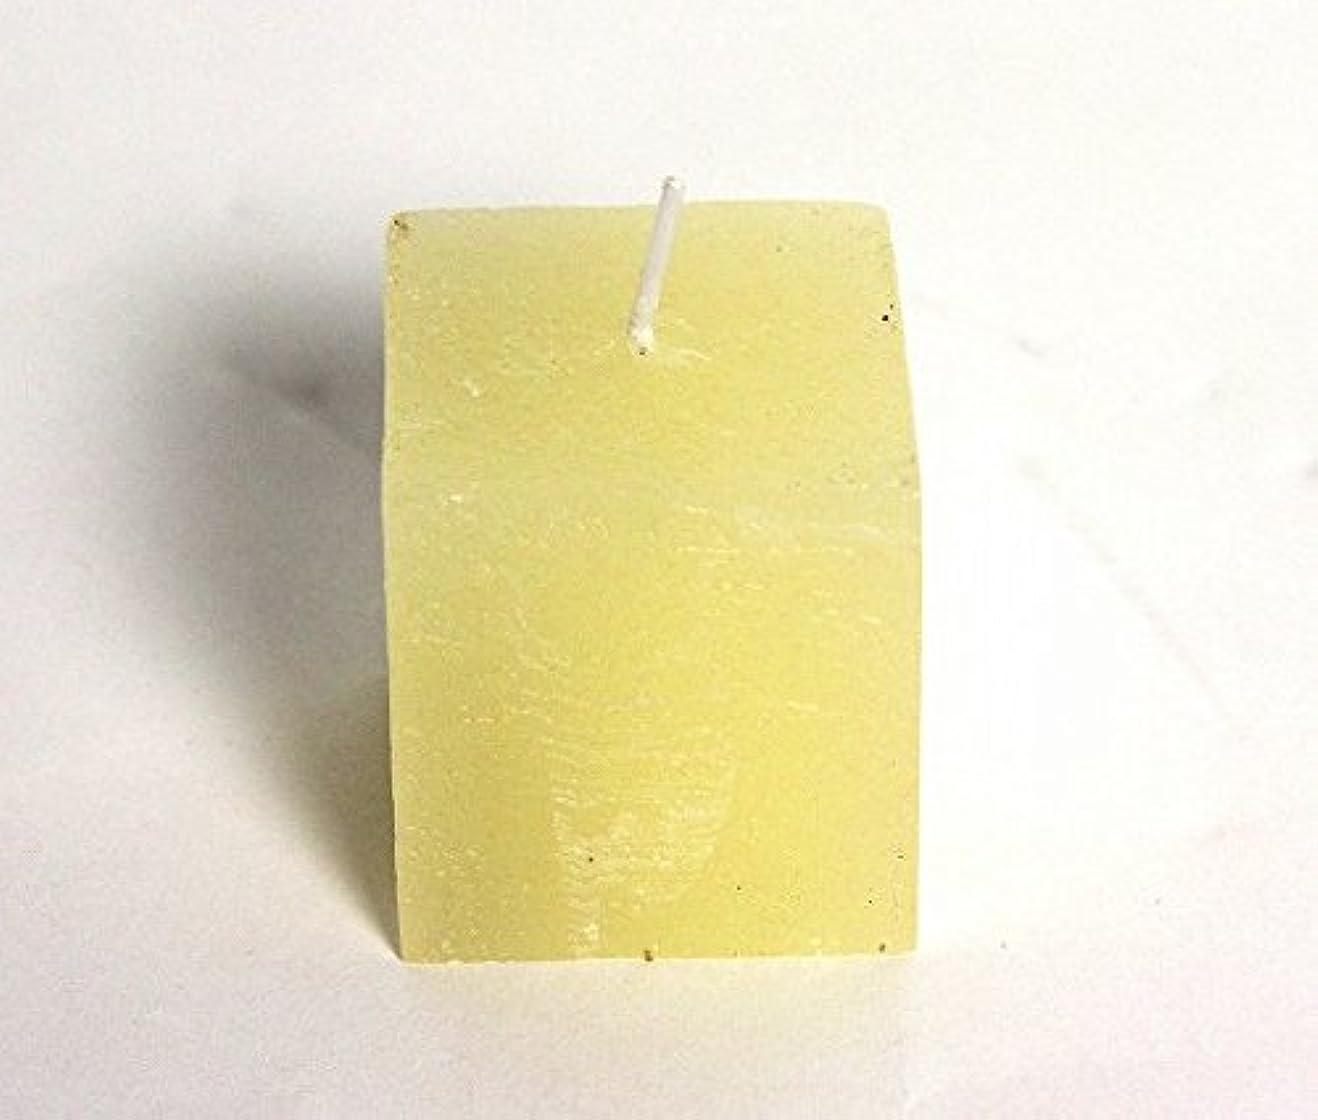 視力予想する消防士kameyama candle(カメヤマキャンドル) ラスティクミニキューブ 「 アイボリー 」(A4921000IV)